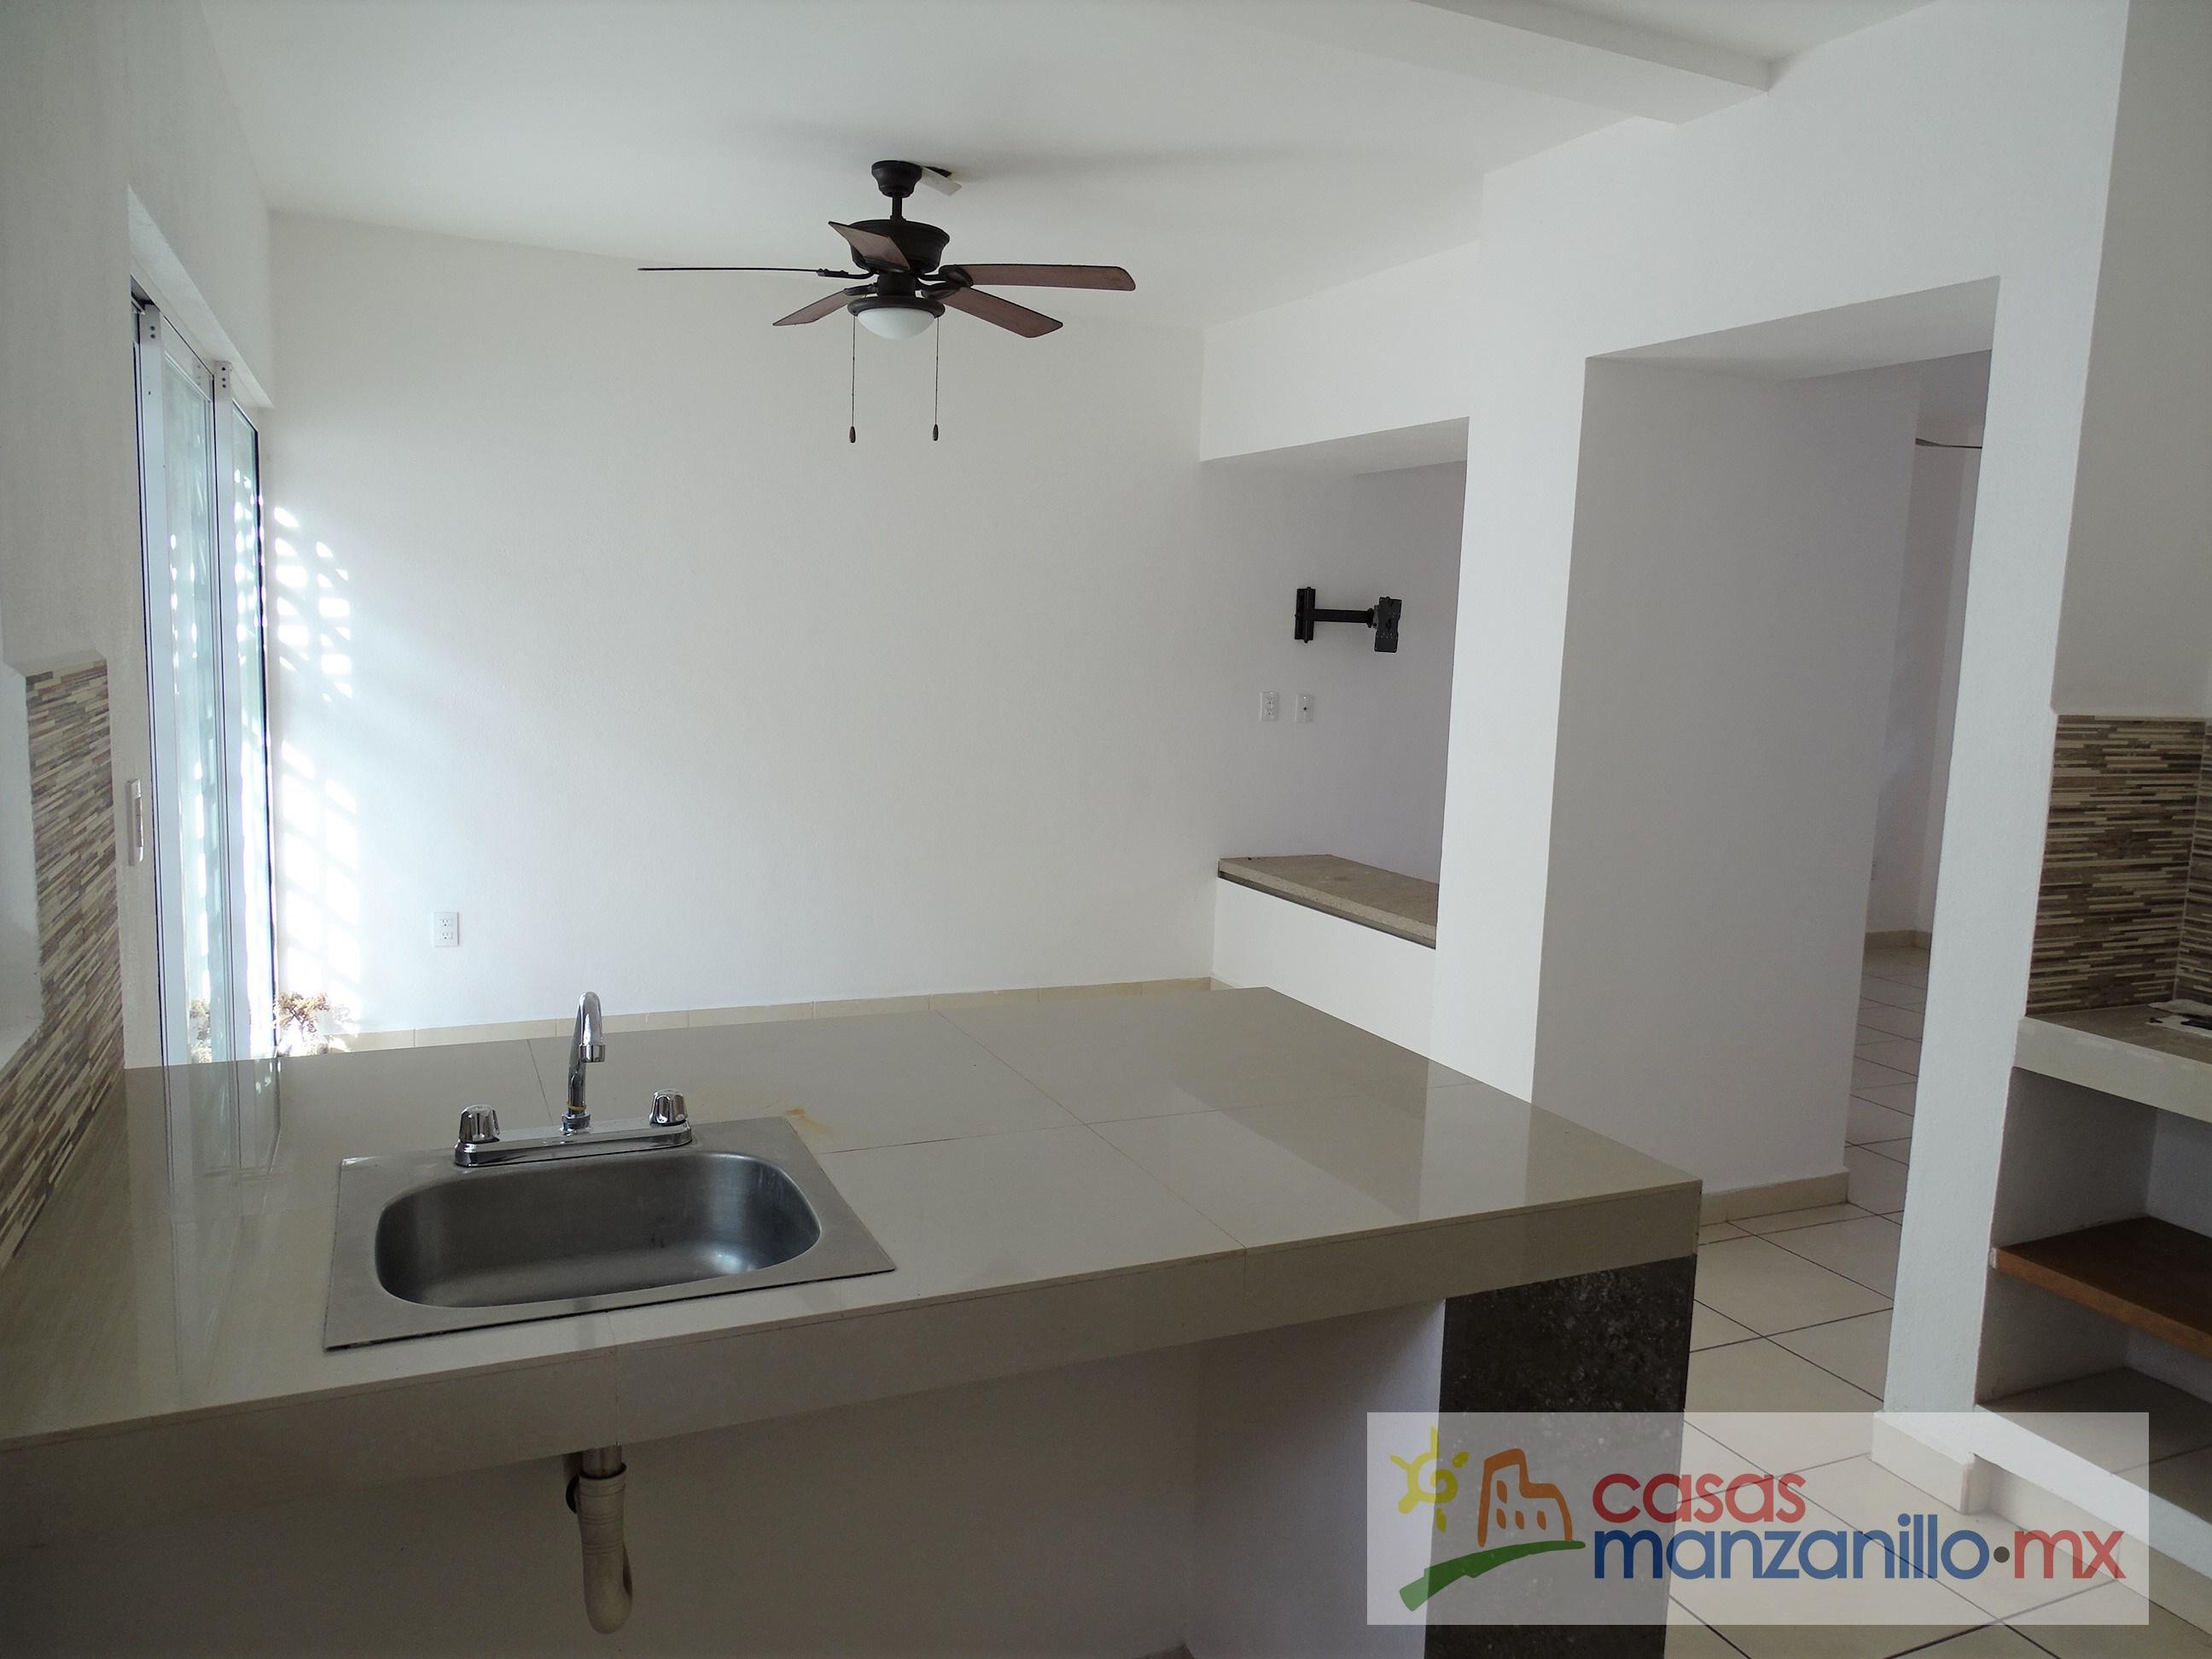 Casas RENTA Manzanillo - Los Altos (13).